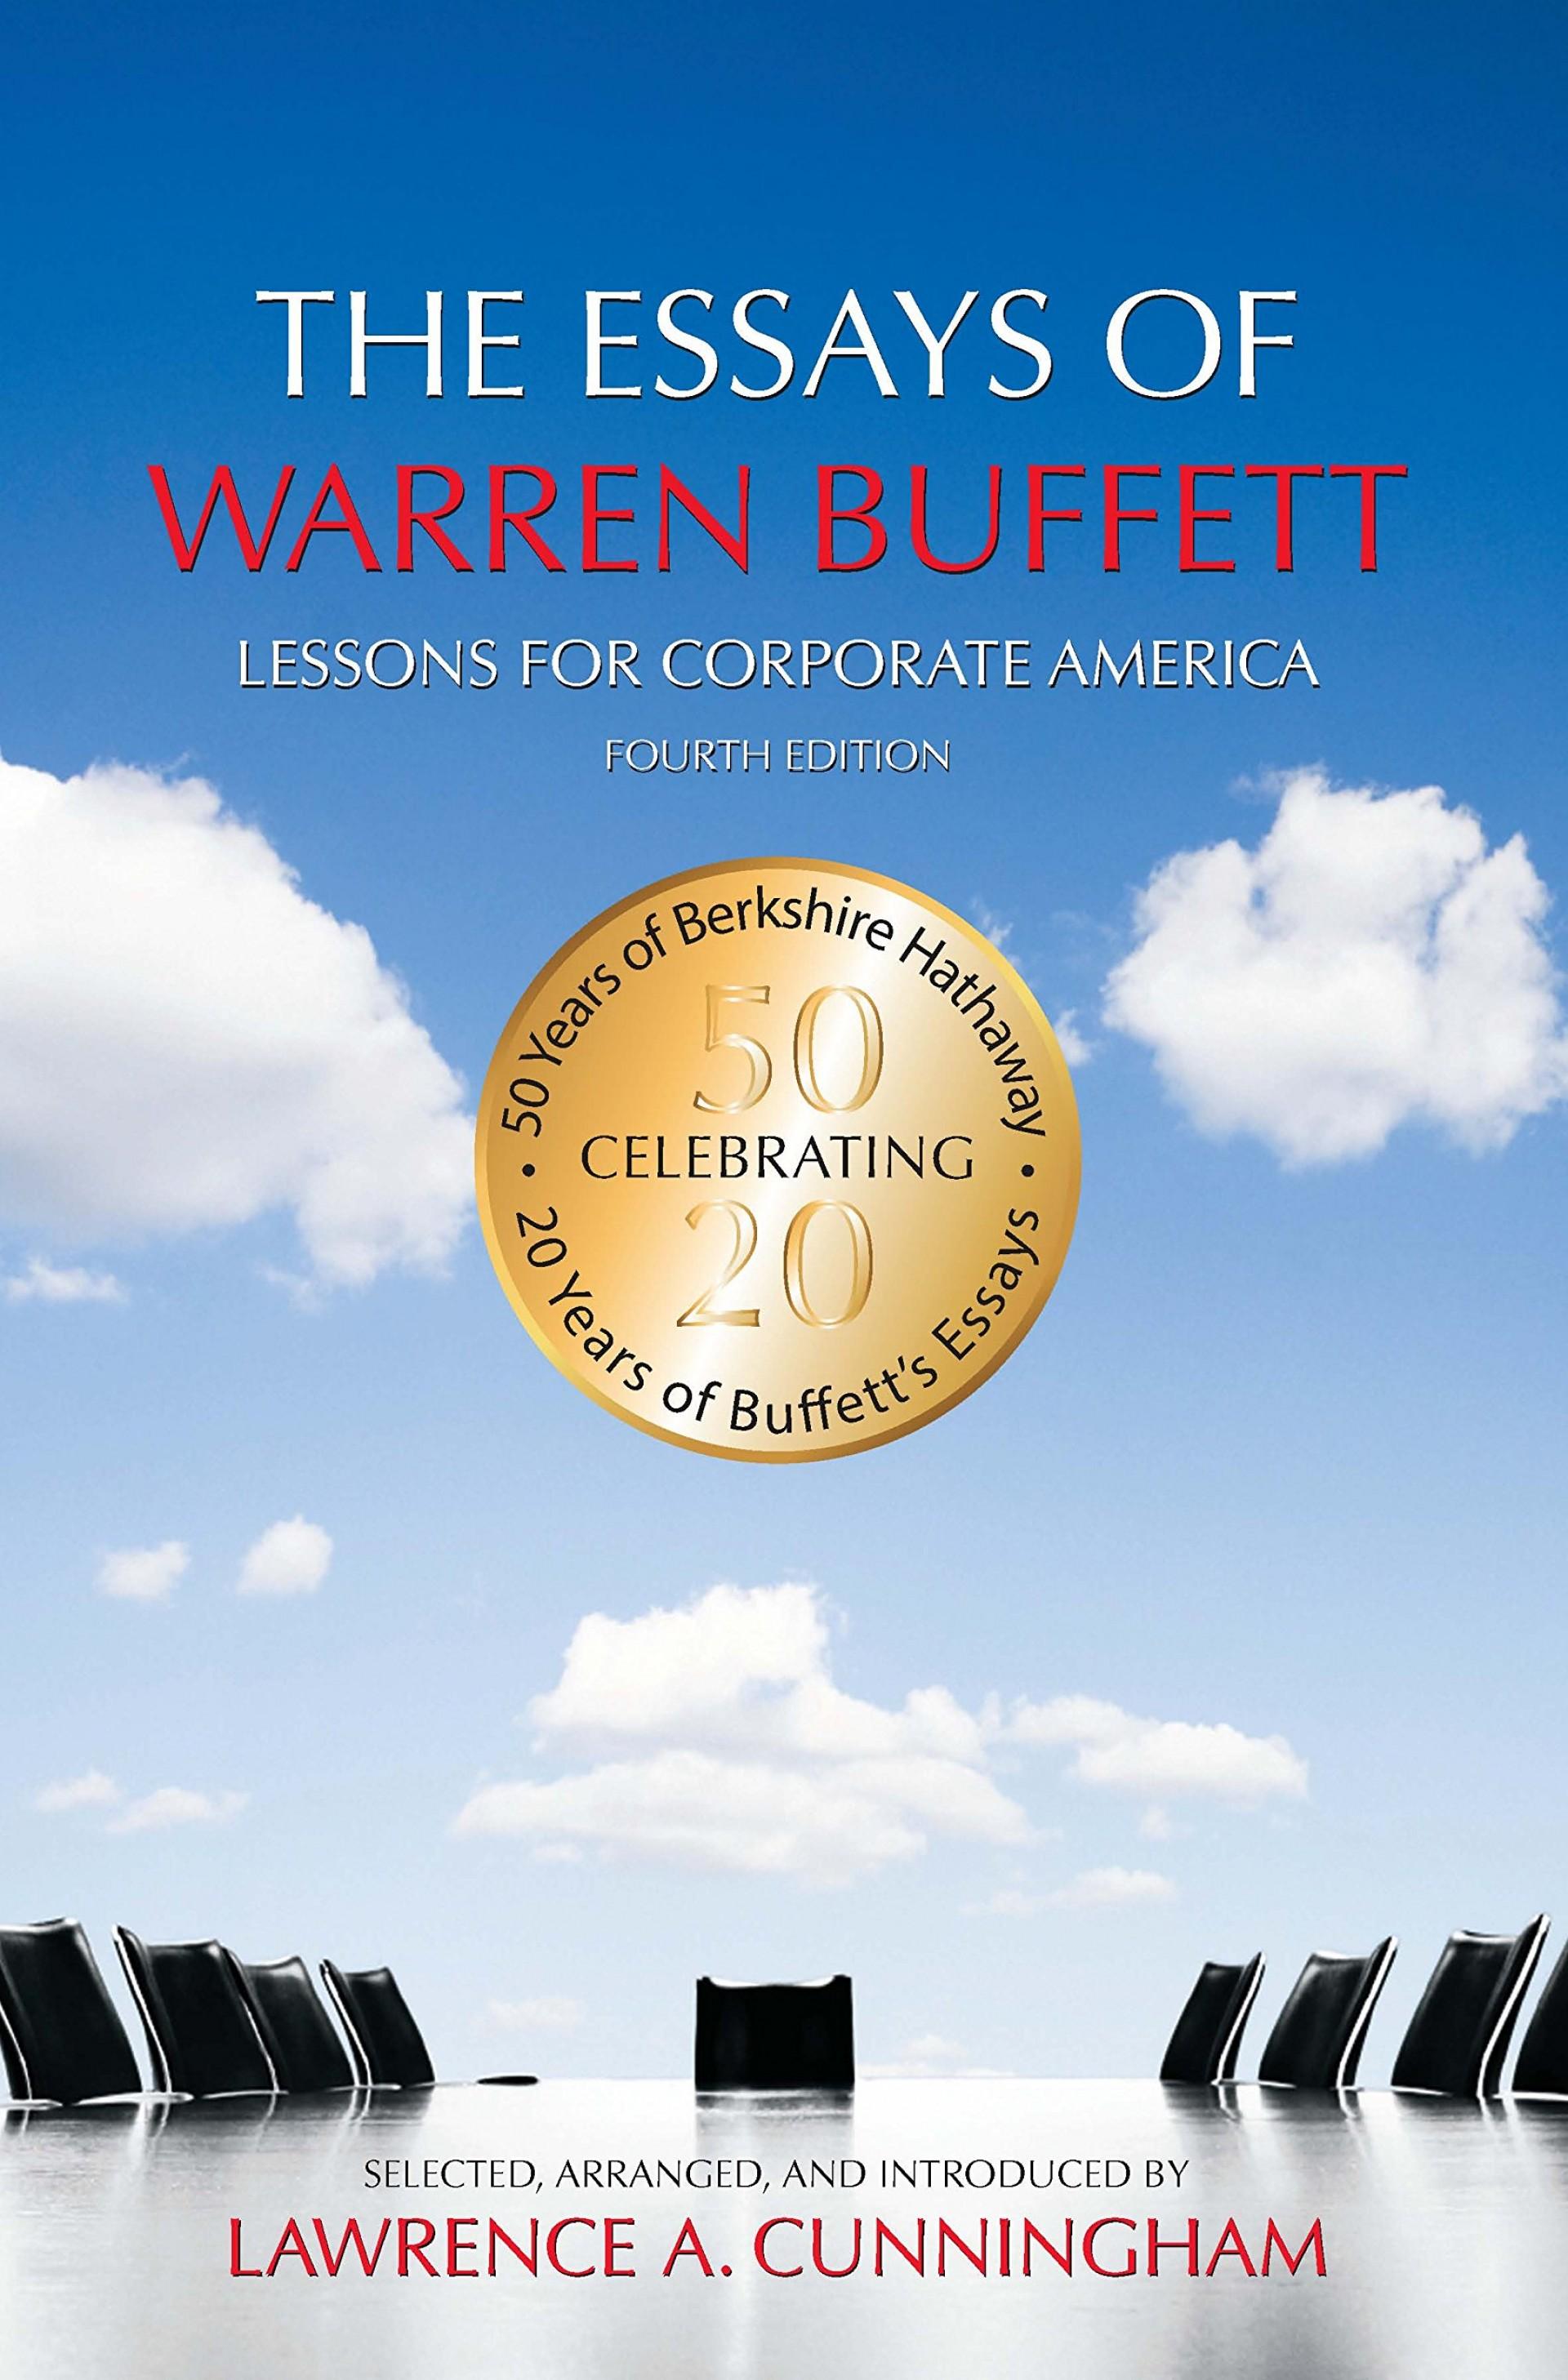 006 Die Essays Von Warren Buffett Essay Example Archaicawful Das Buch Für Investoren Pdf Und Unternehmer 1920